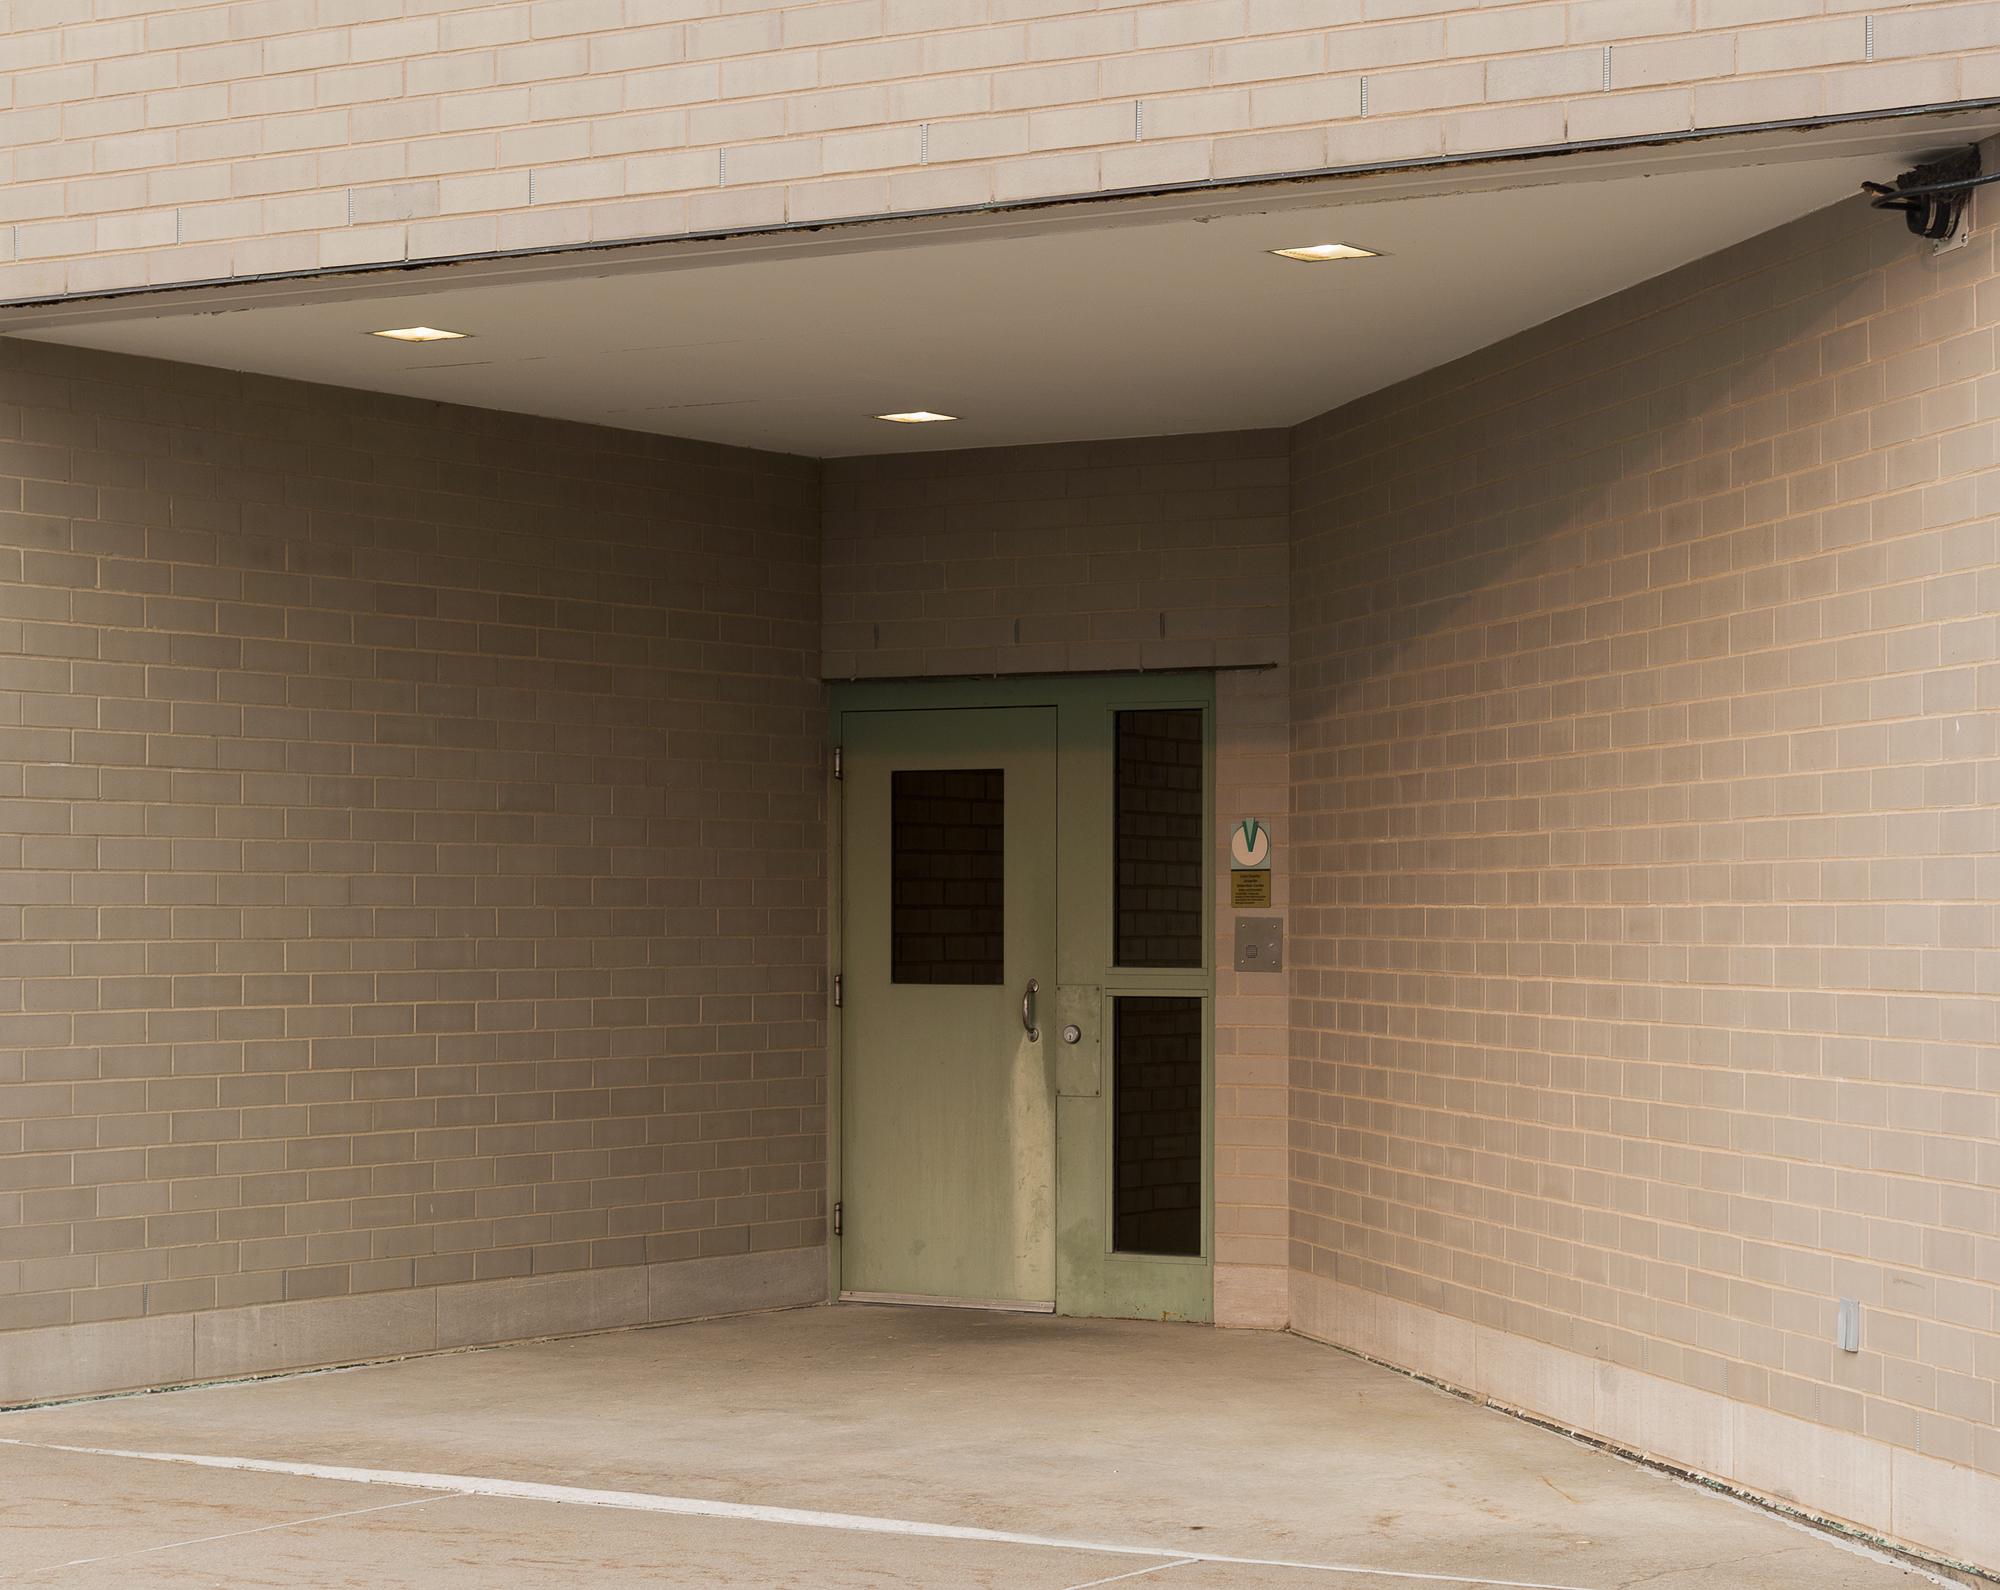 Entrance/Exit Archival Pigment Print 2015